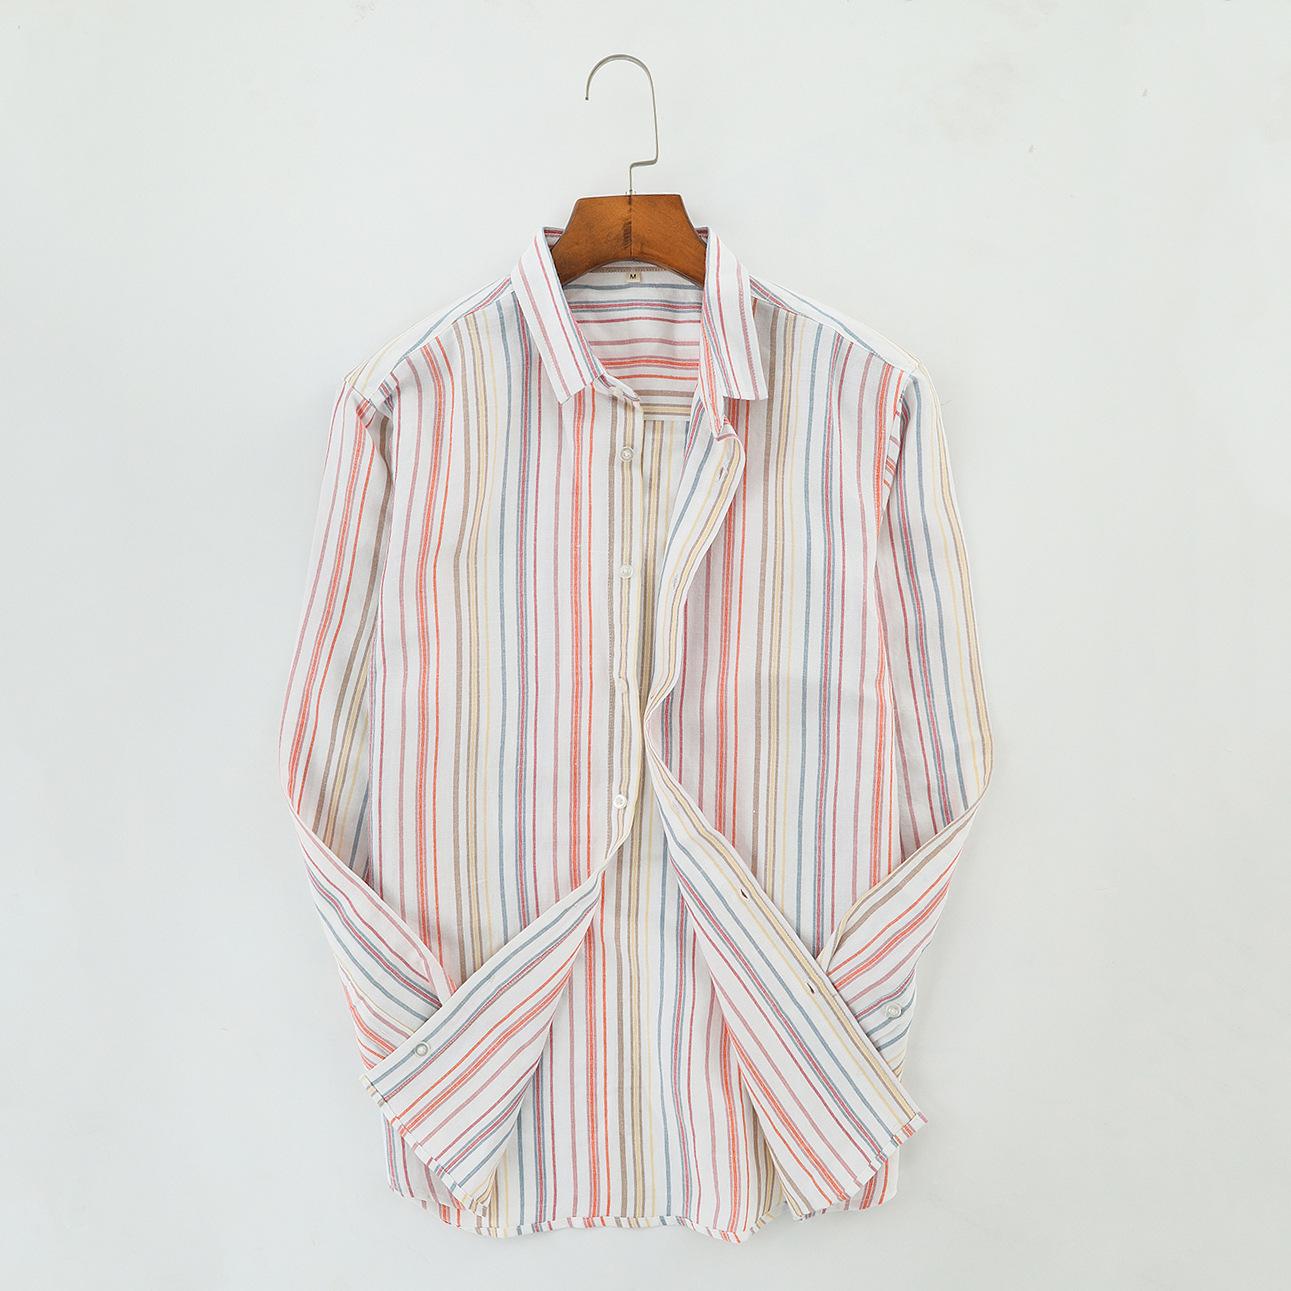 Ma Ke tay dài 19 xuân hè mới áo sơ mi vải lanh nam tươi sọc dài tay áo sơ mi vải lanh nam Nhật Bản B